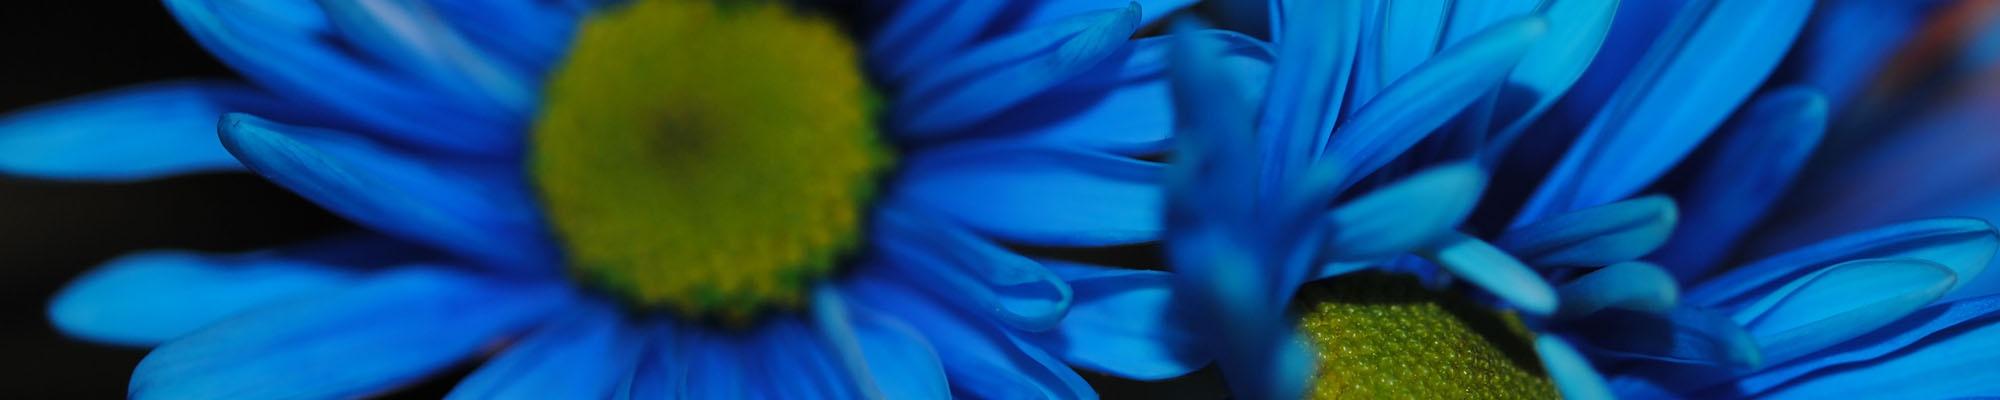 bluedaisy66 Cover